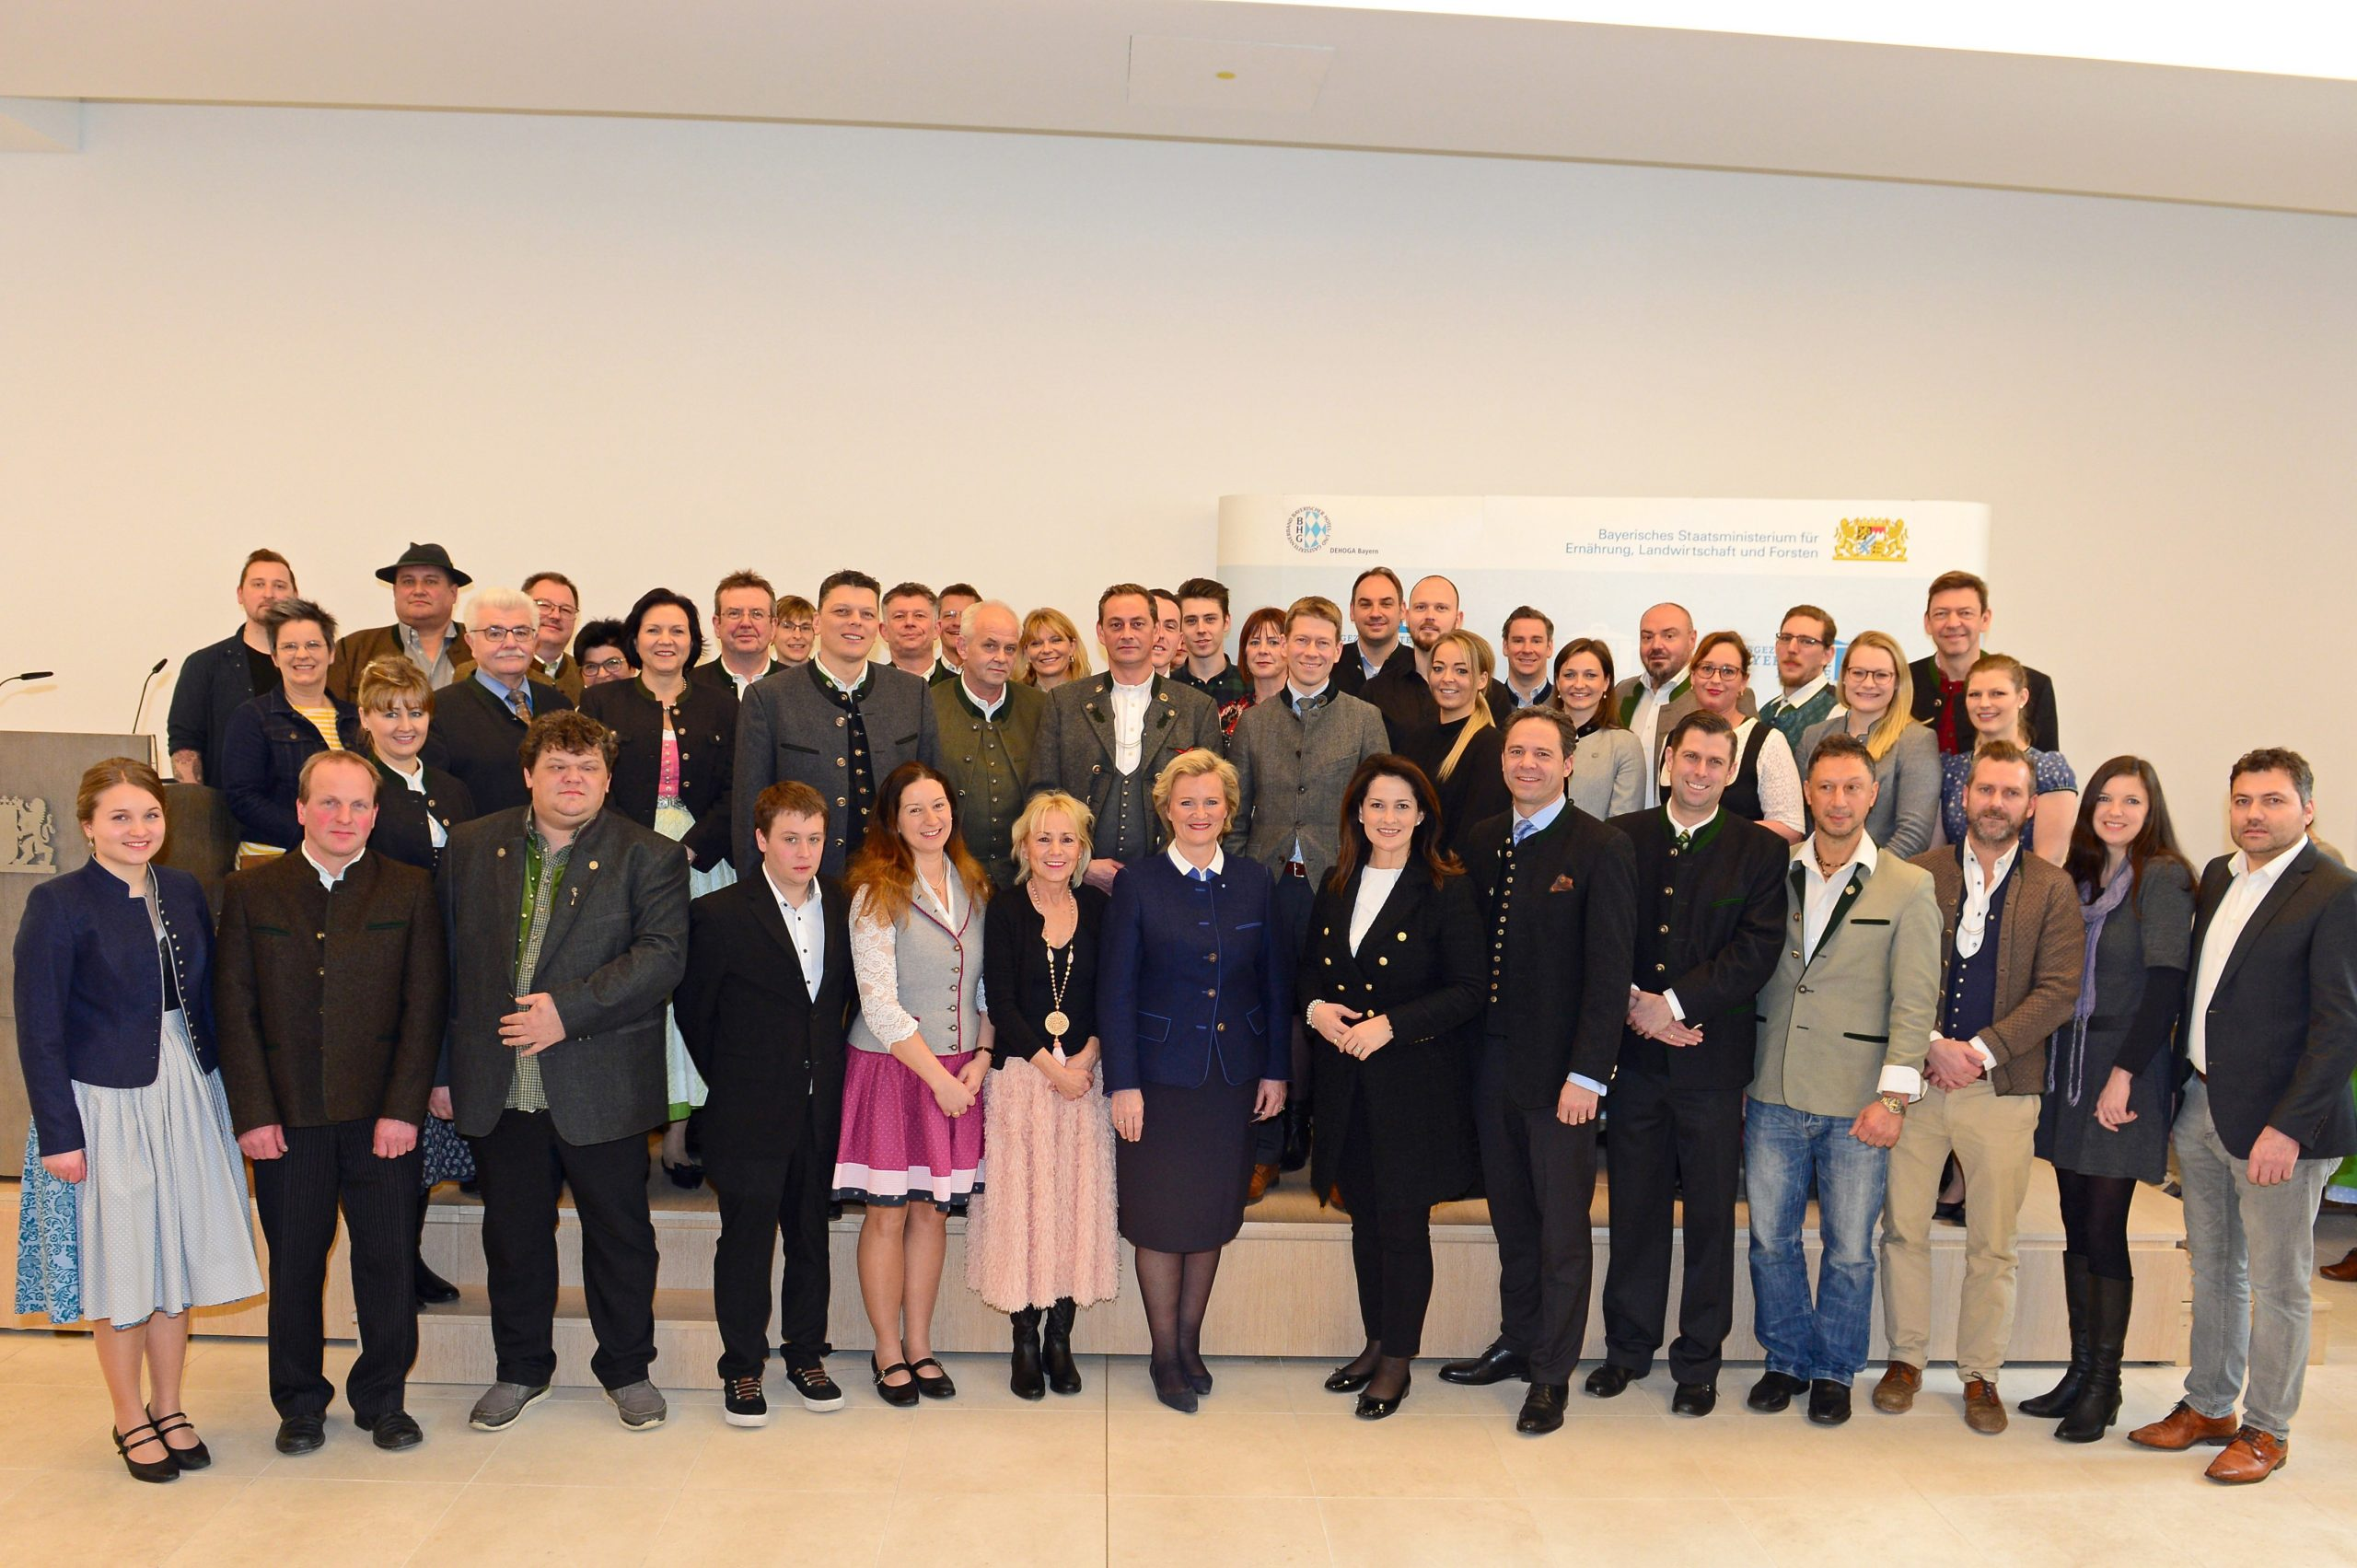 Gruppenbild mit Staatsministerin Kaniber und die Ausgezeichneten, Bayerische Küche